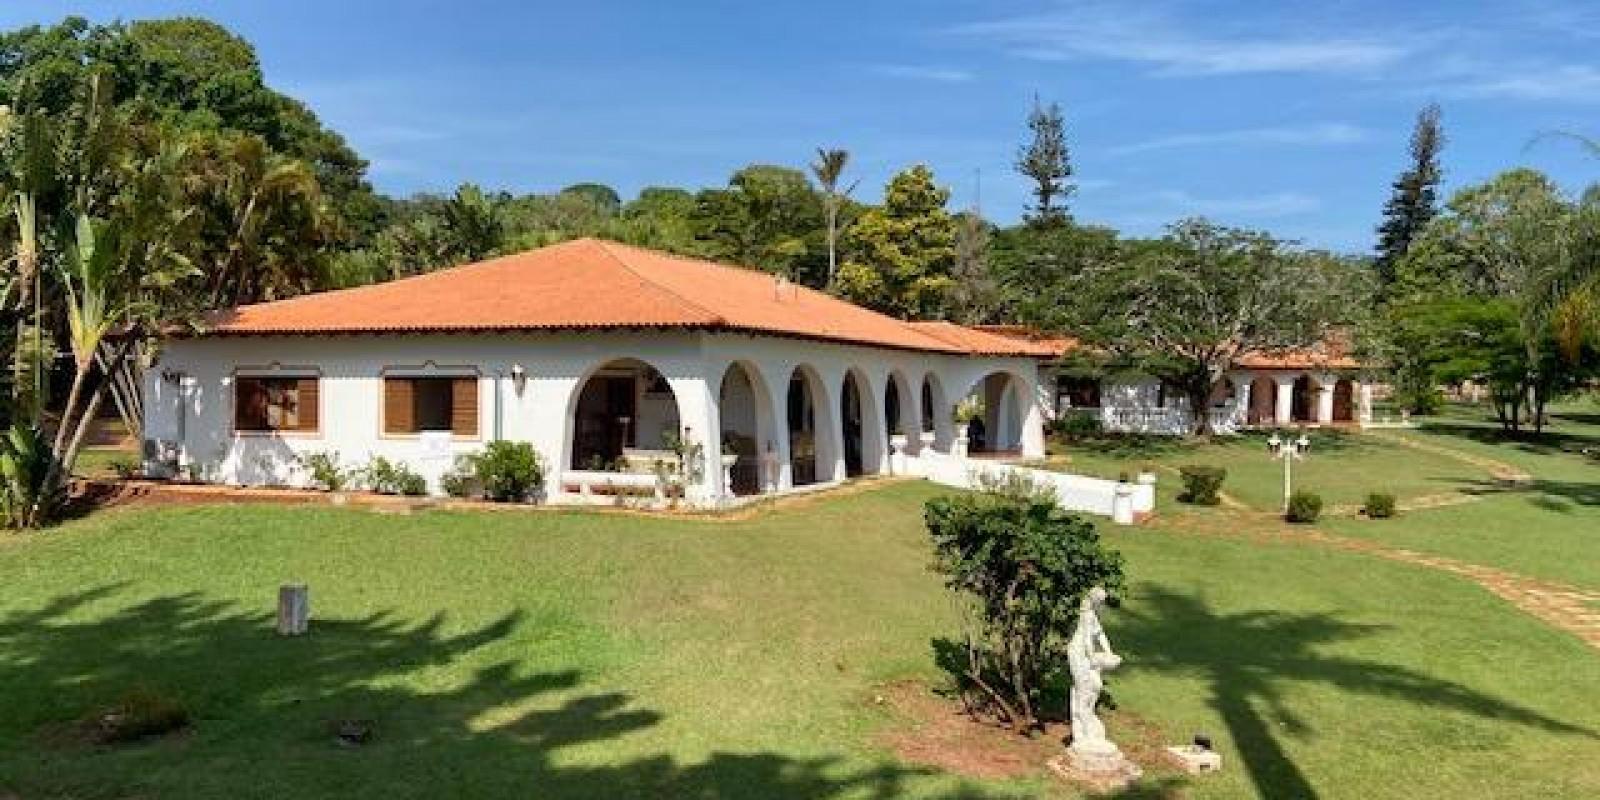 Casa Pé na Areia na Represa Condomínio Parque Náutico em Avaré SP - Foto 26 de 53